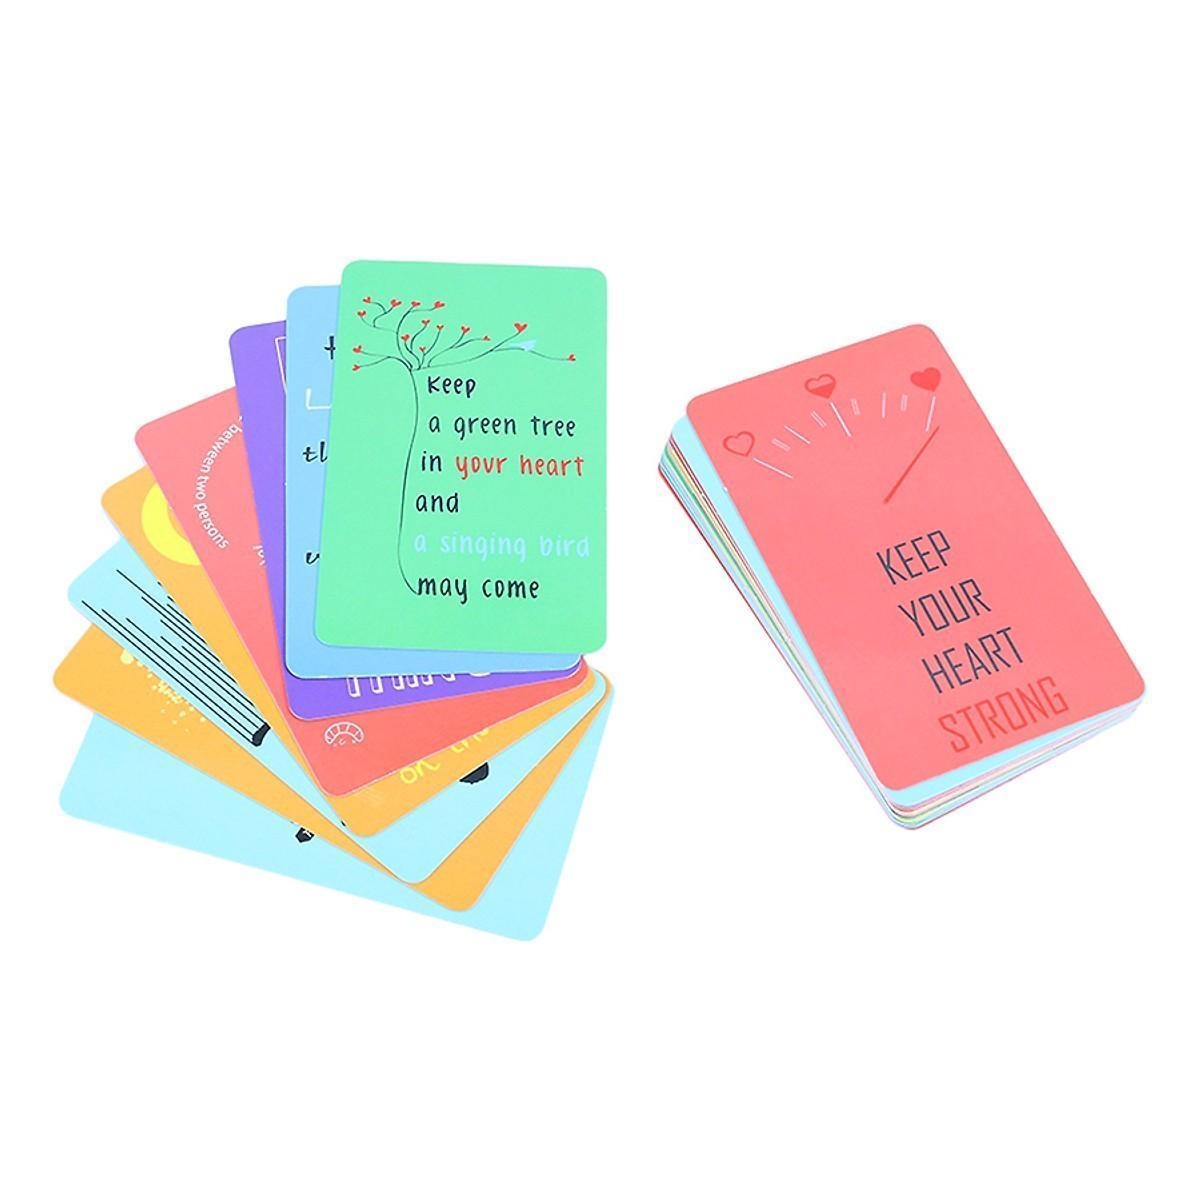 Combo Truyện Đặc Sắc Của Nguyễn Nhật Ánh: Thằng Quỷ Nhỏ + Đảo Mộng Mơ (Bộ 2 Cuốn Sách Được Độc Gỉa Yêu Thích Nhất - Tặng Kèm Bookmark Happy Life)